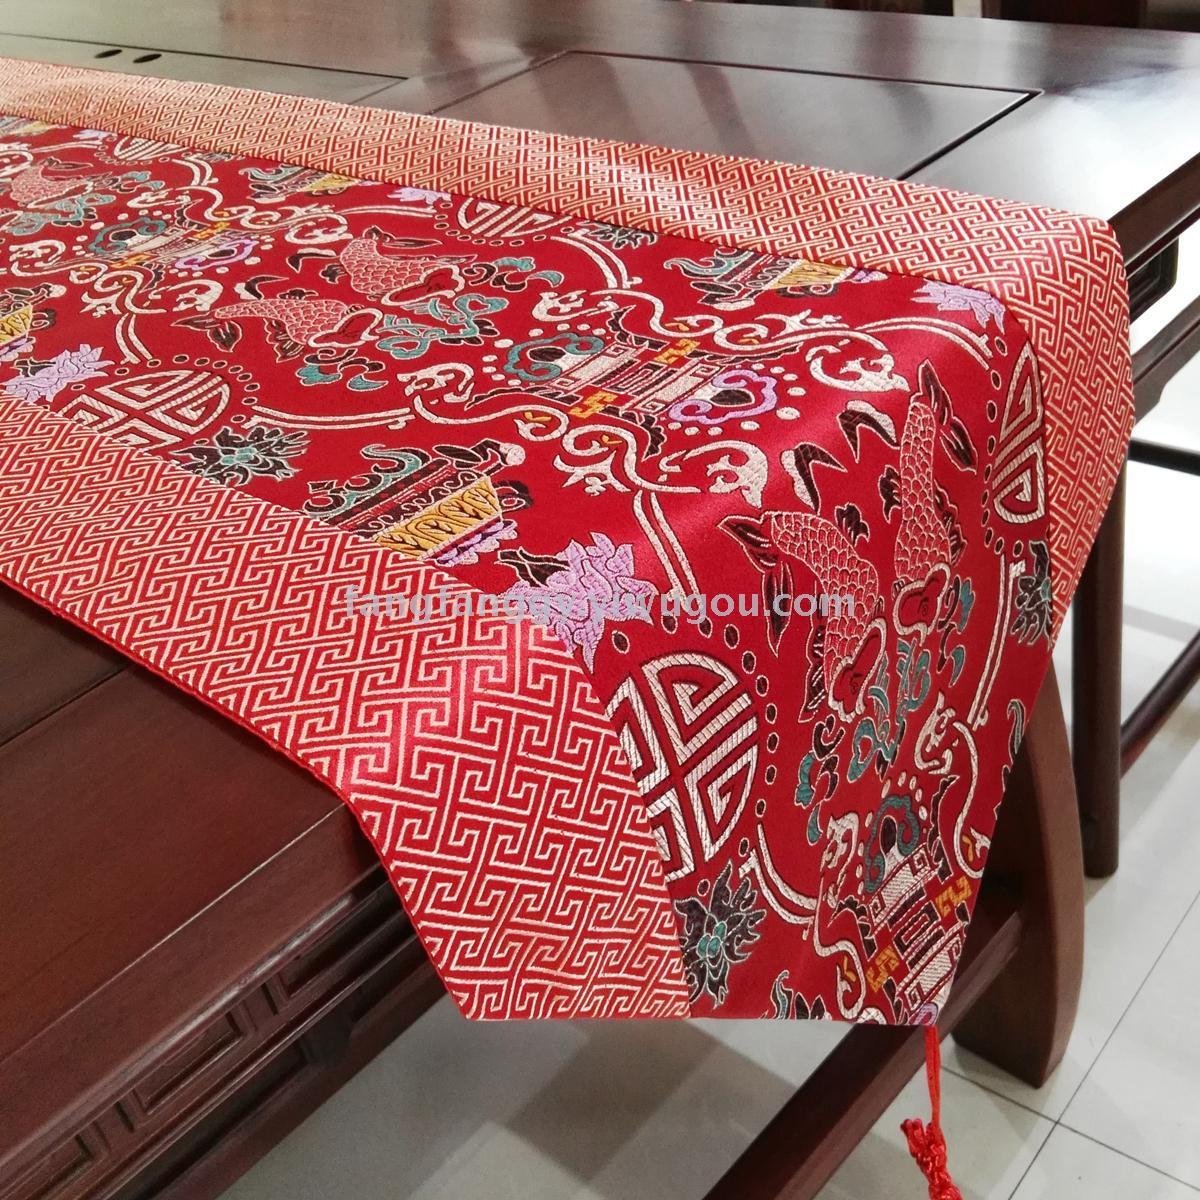 新中式红木餐桌旗中国风古典茶几布艺电视柜长条桌布桌巾鞋柜盖布